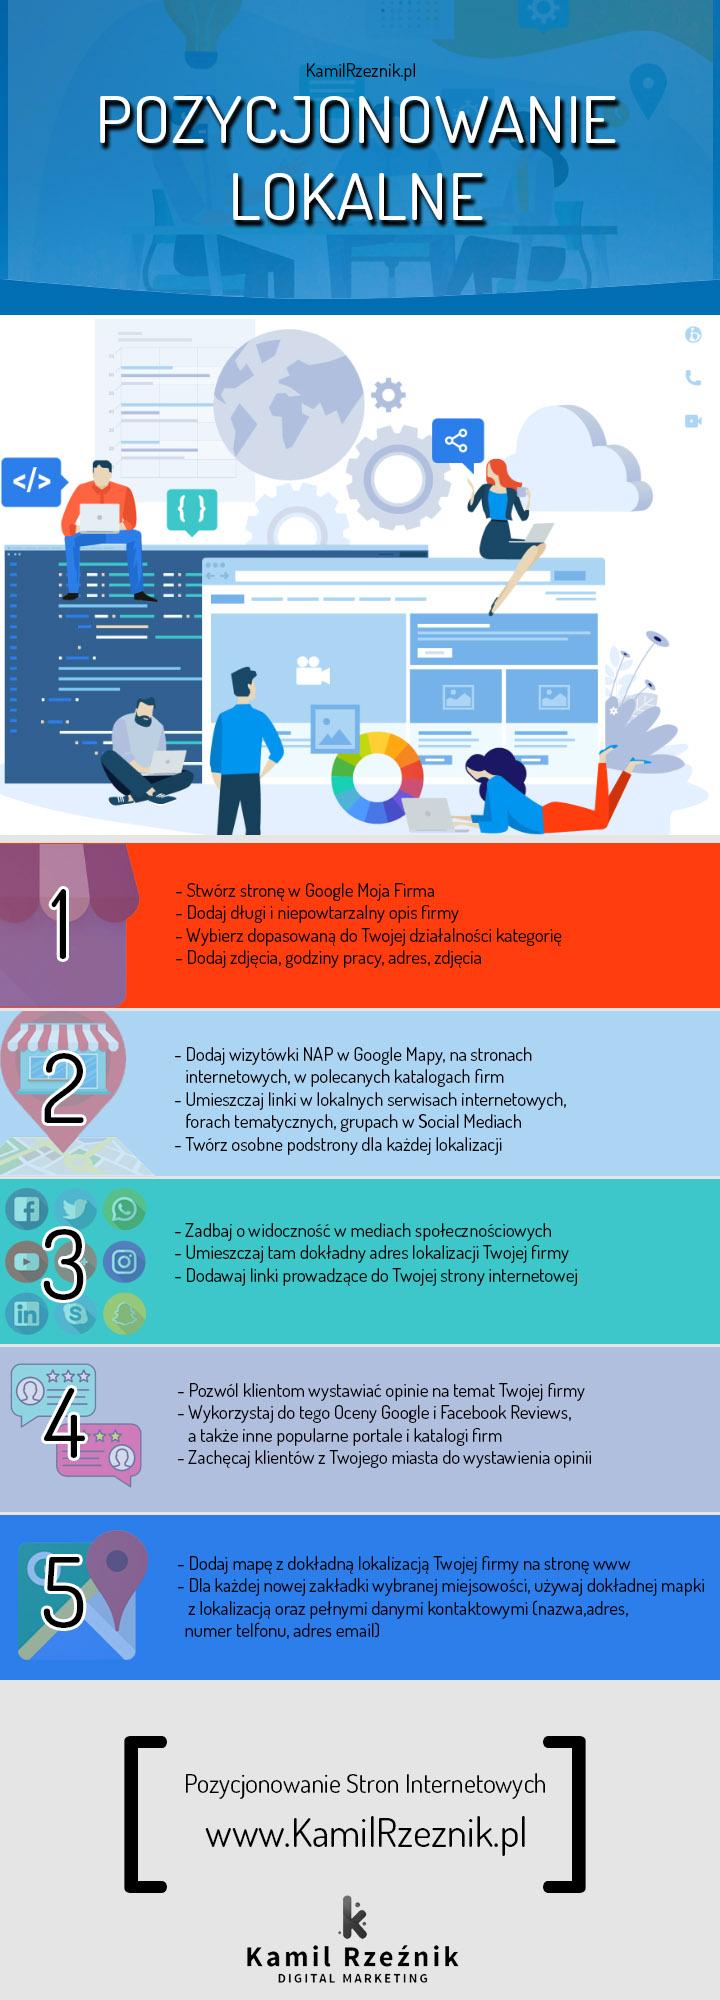 Pozycjonowanie lokalne infografika - Kamil Rzeźnik Digital Marketing